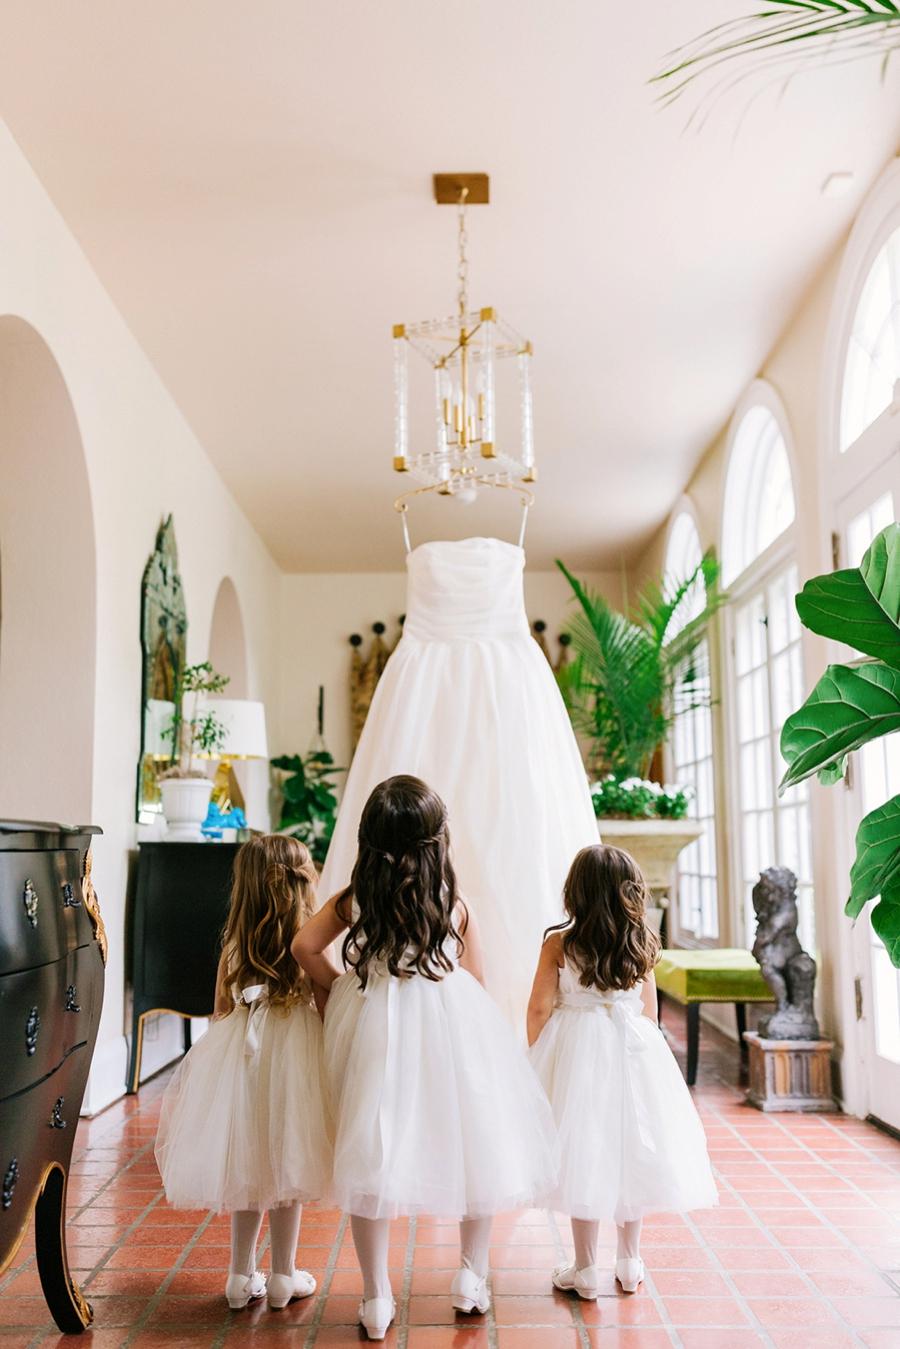 A Southern Garden Inspired Wedding In Central Florida via TheELD.com